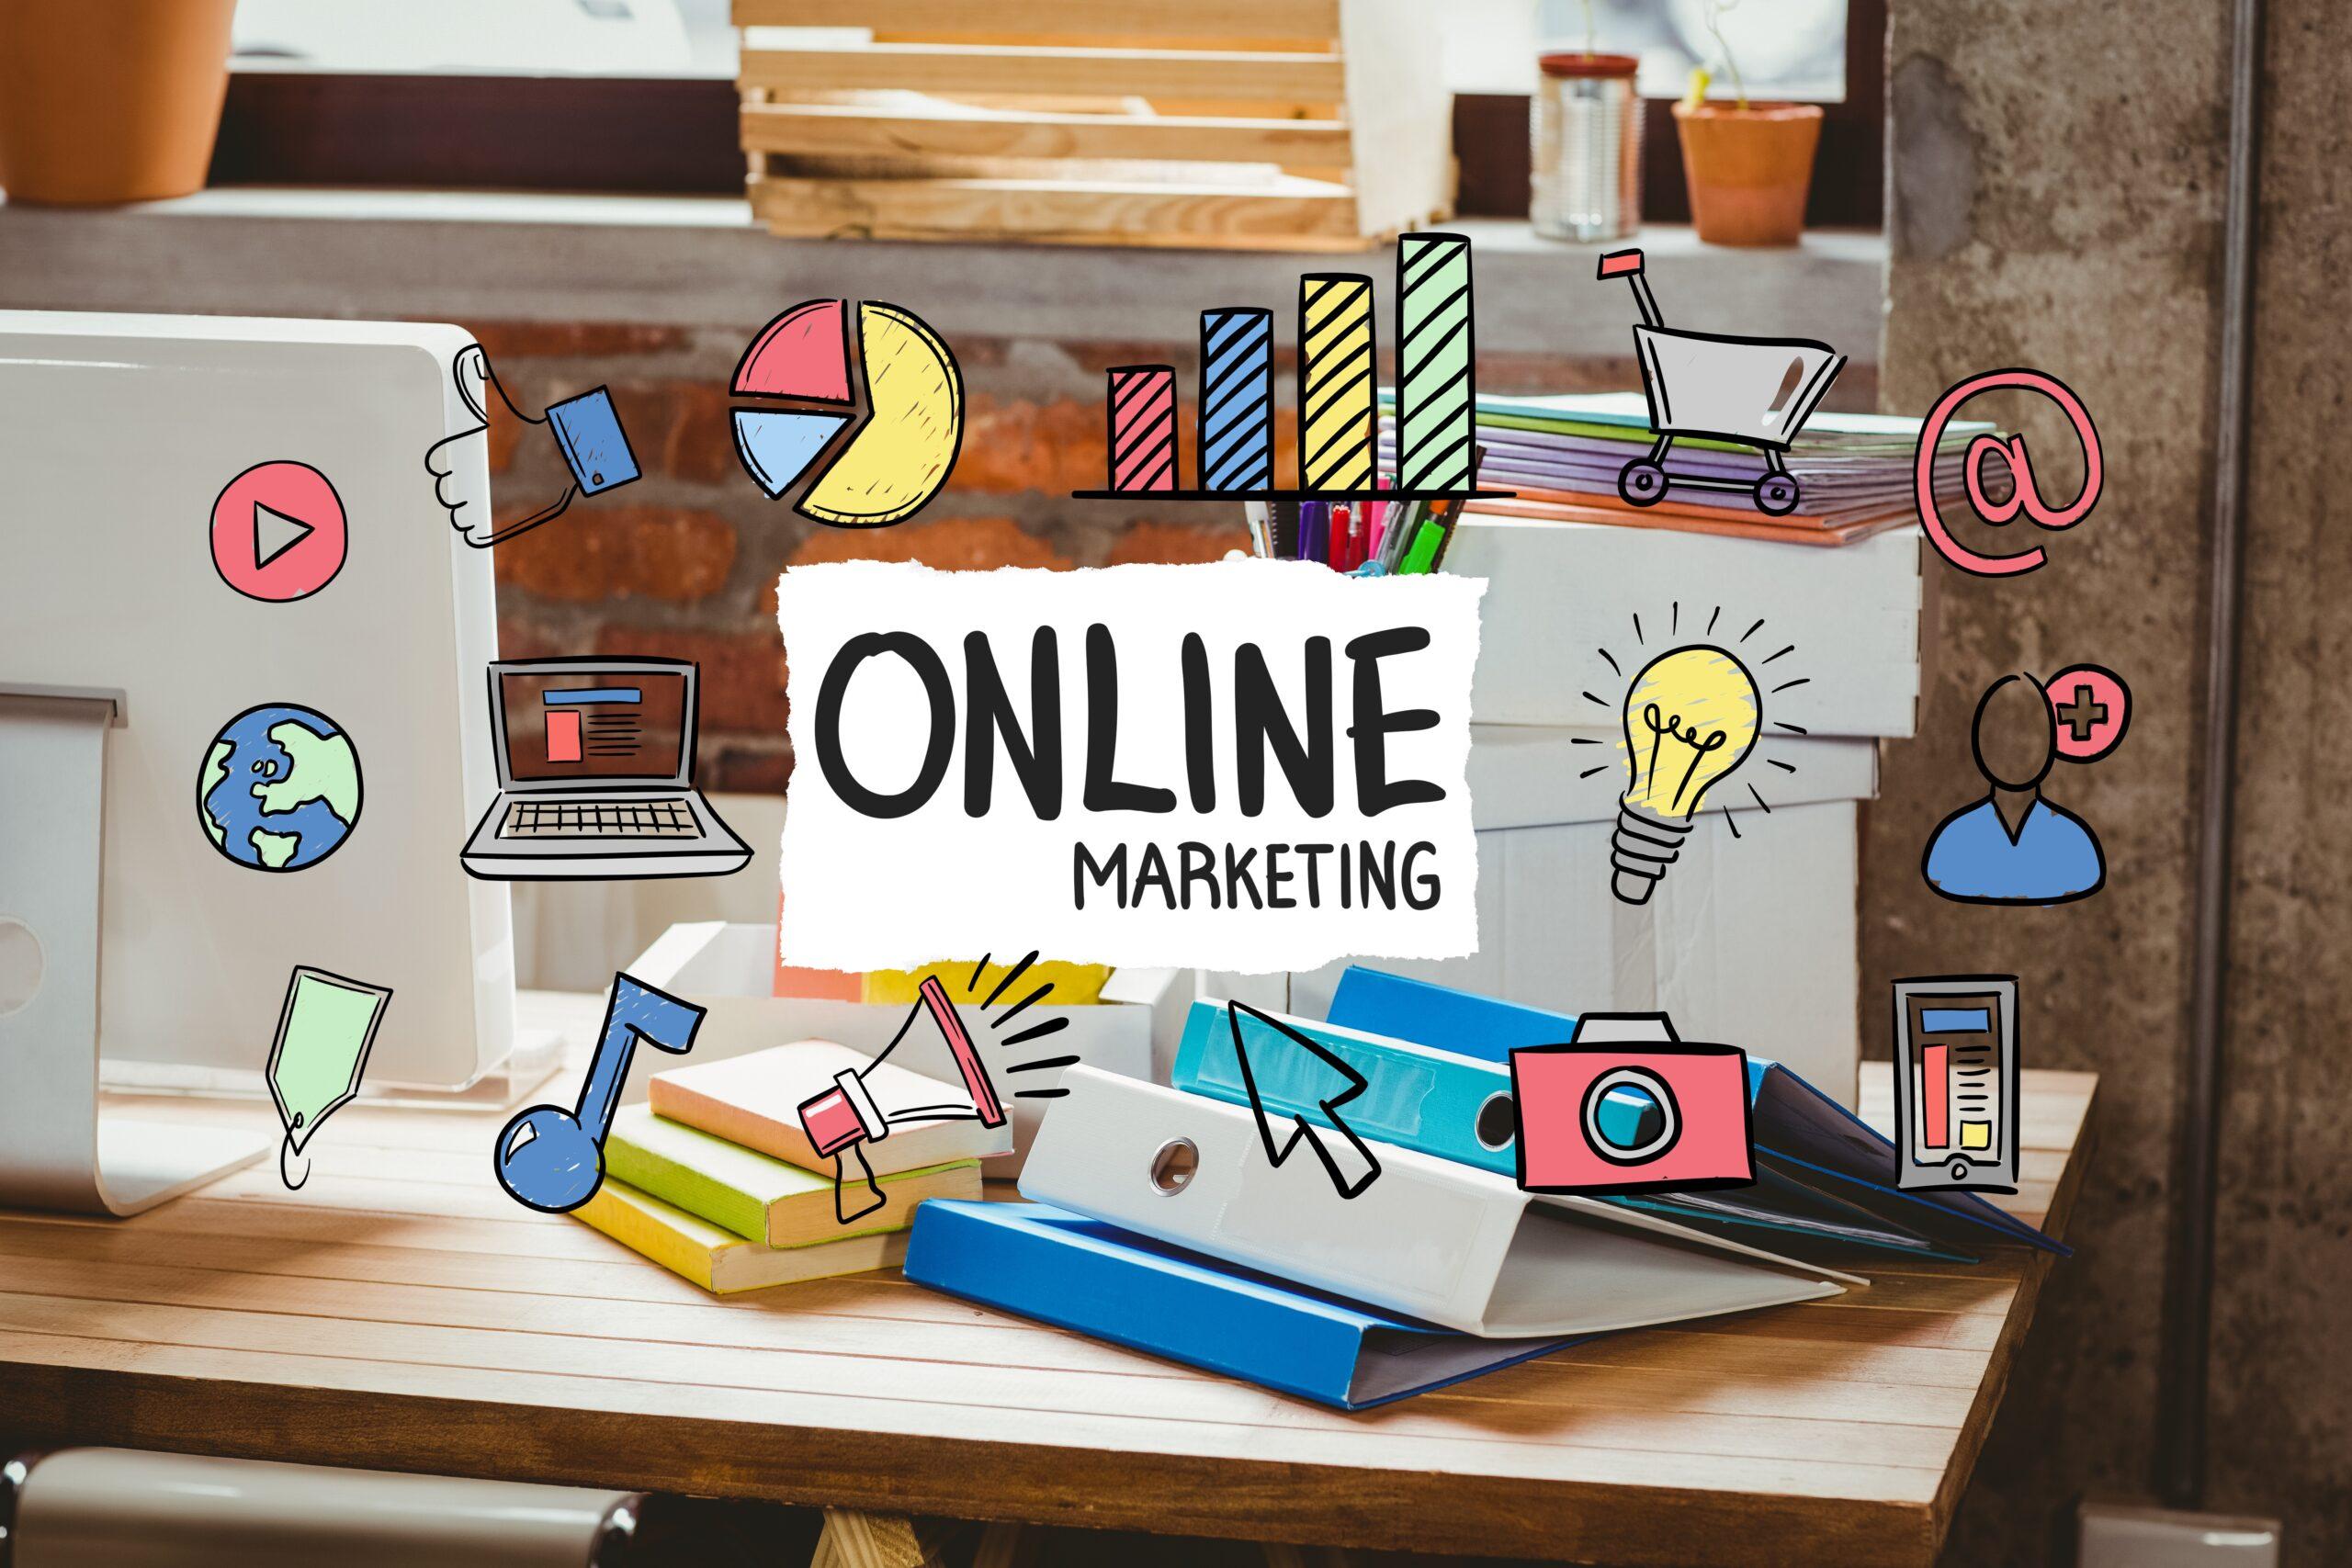 plan-de-marketing-de-una-empresa-de-parque-de-bolas